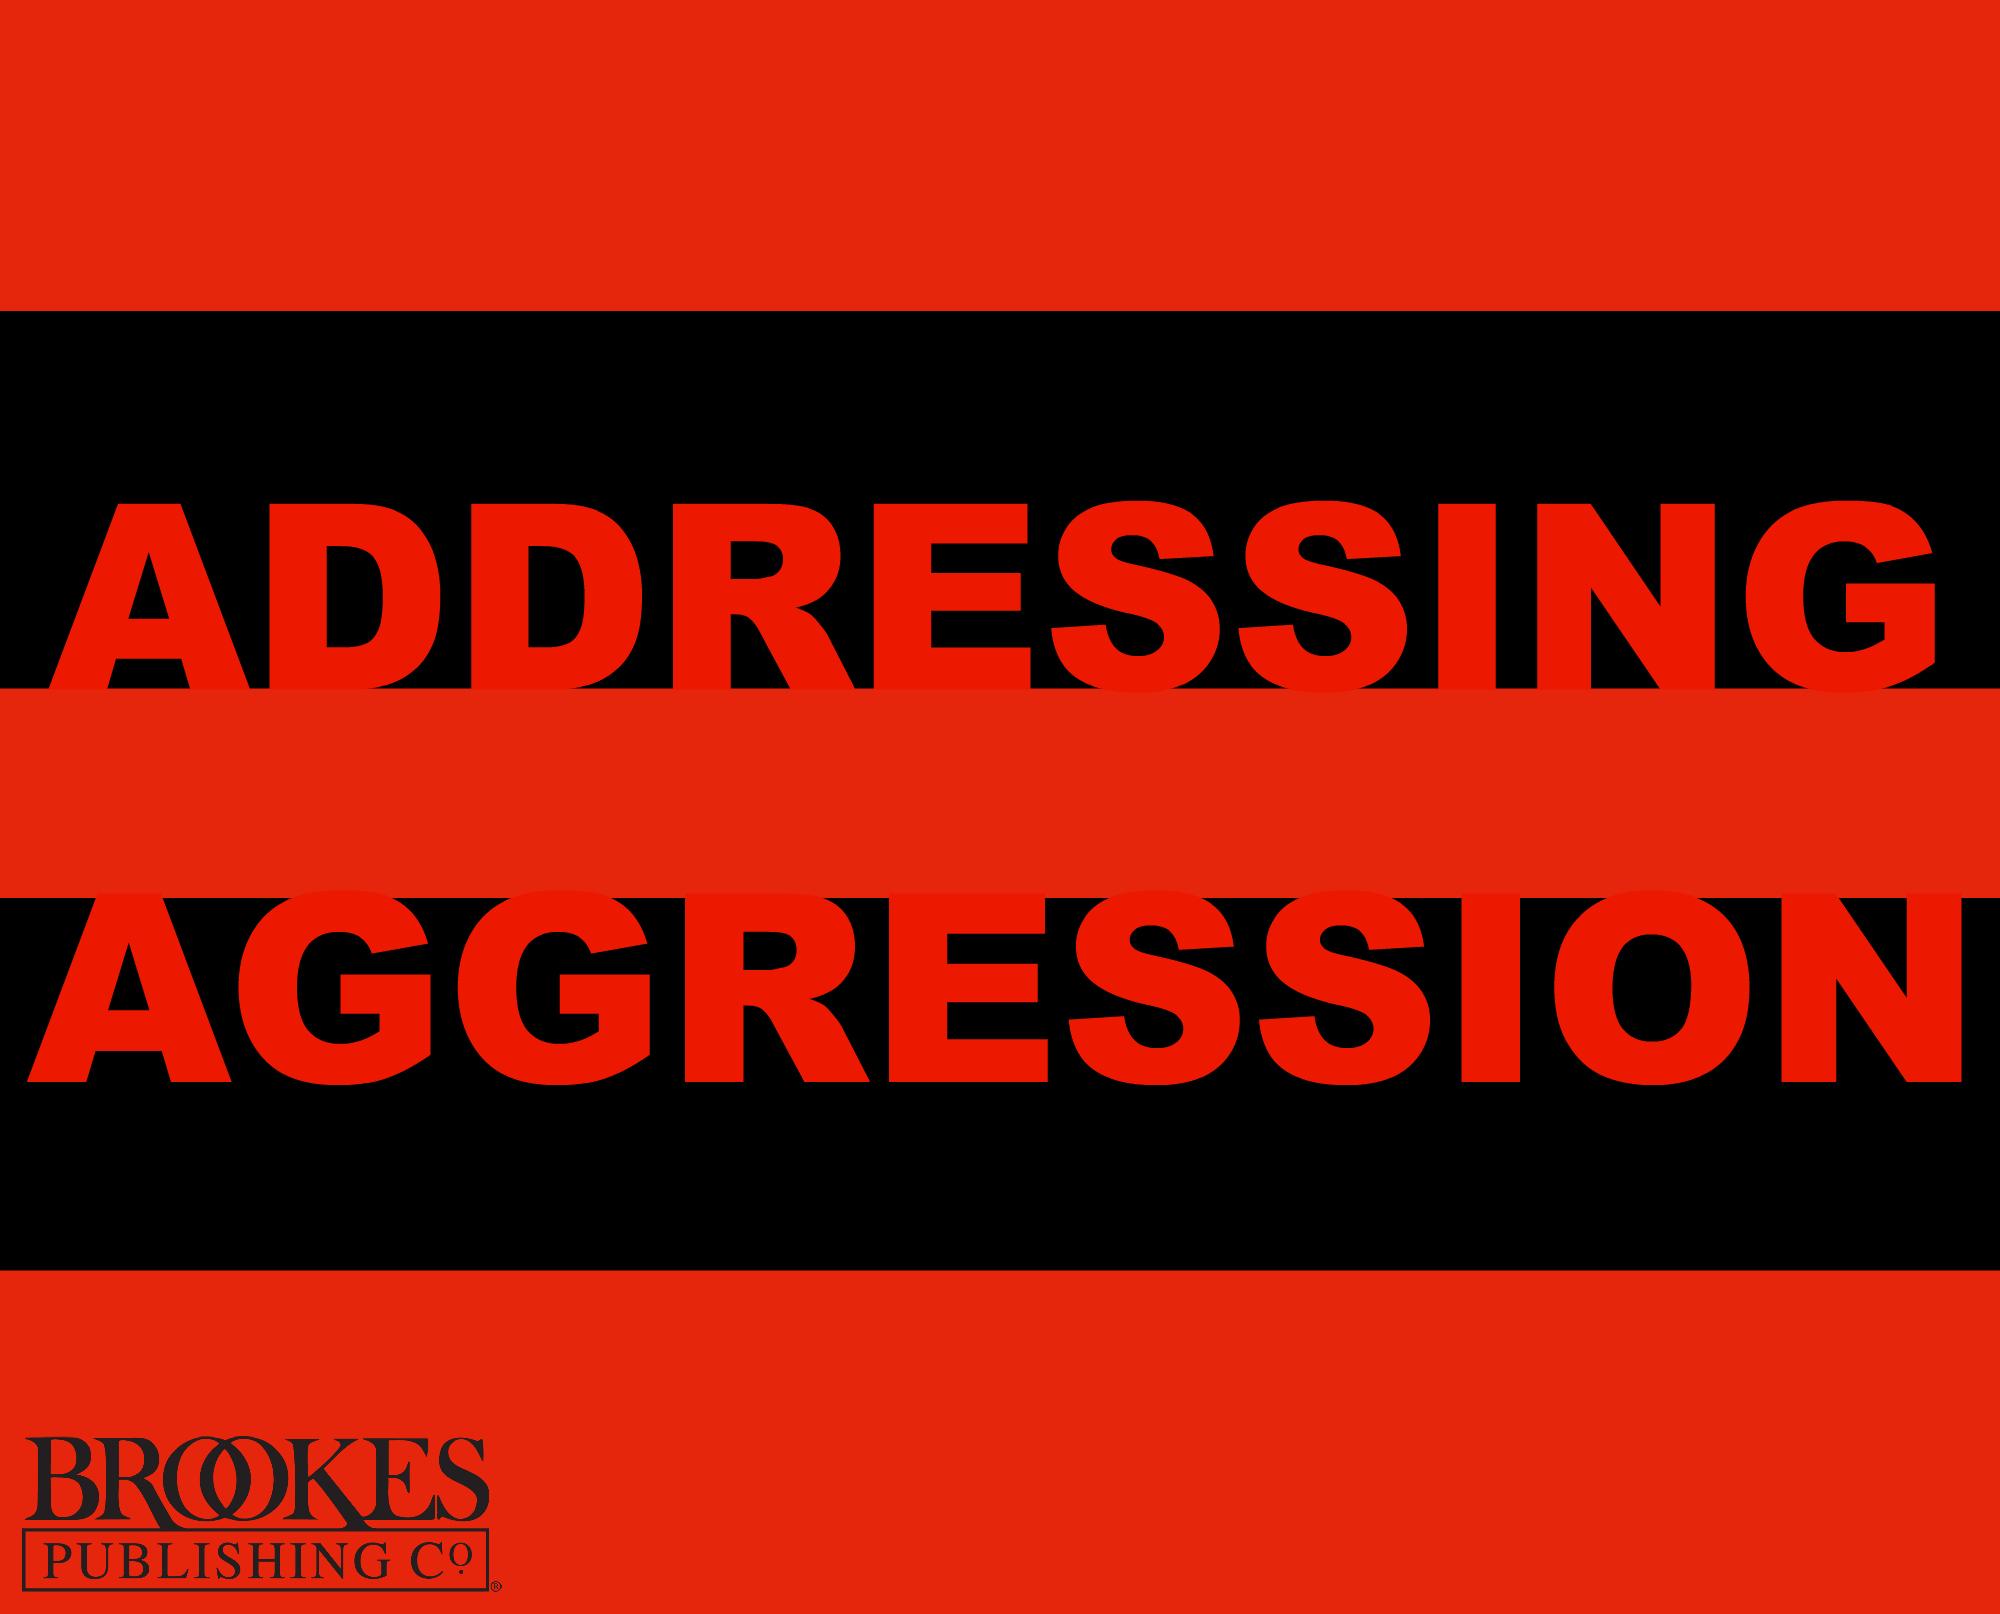 addressing aggression